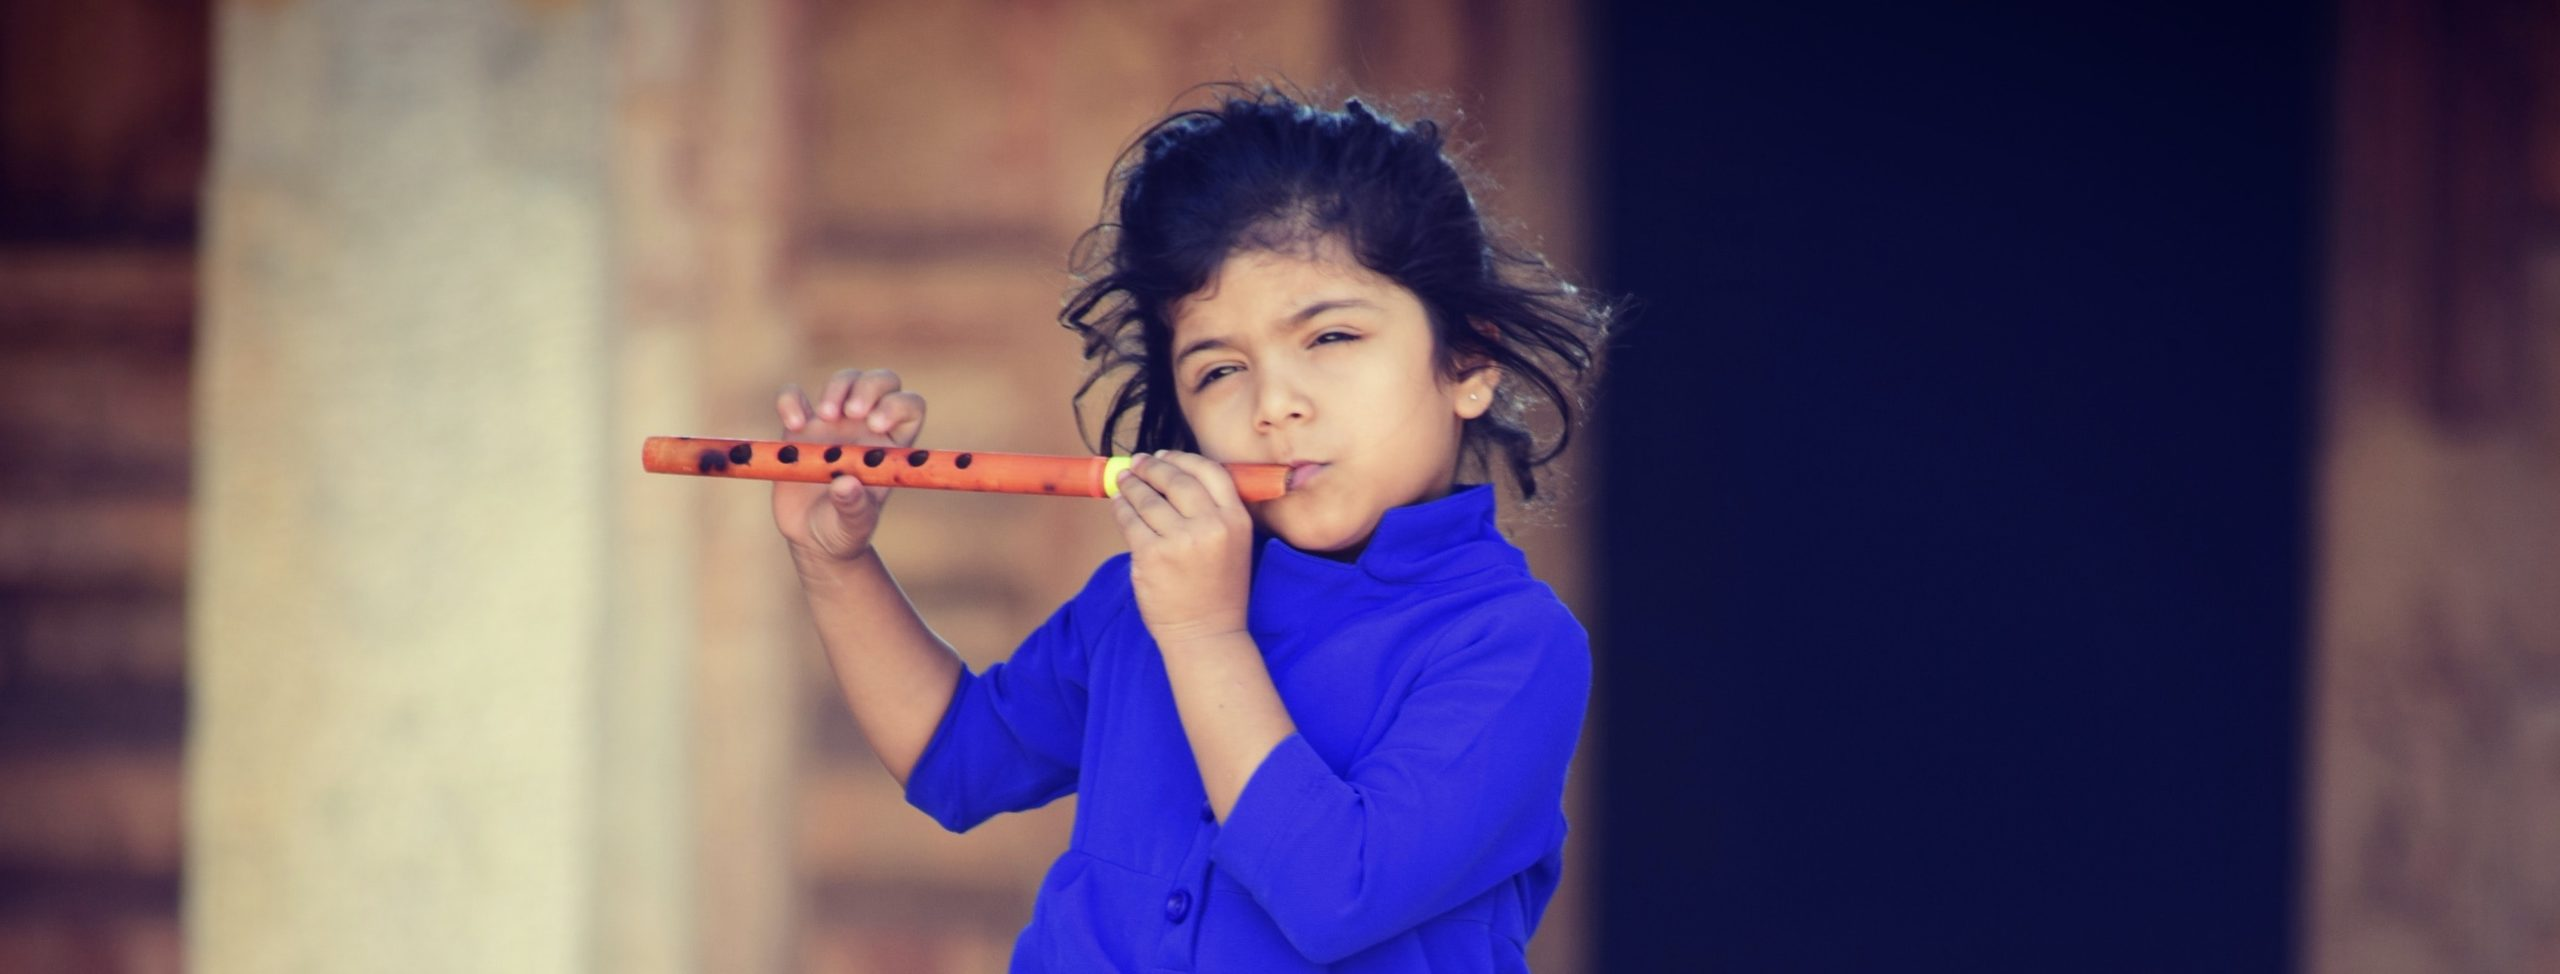 enfant flute